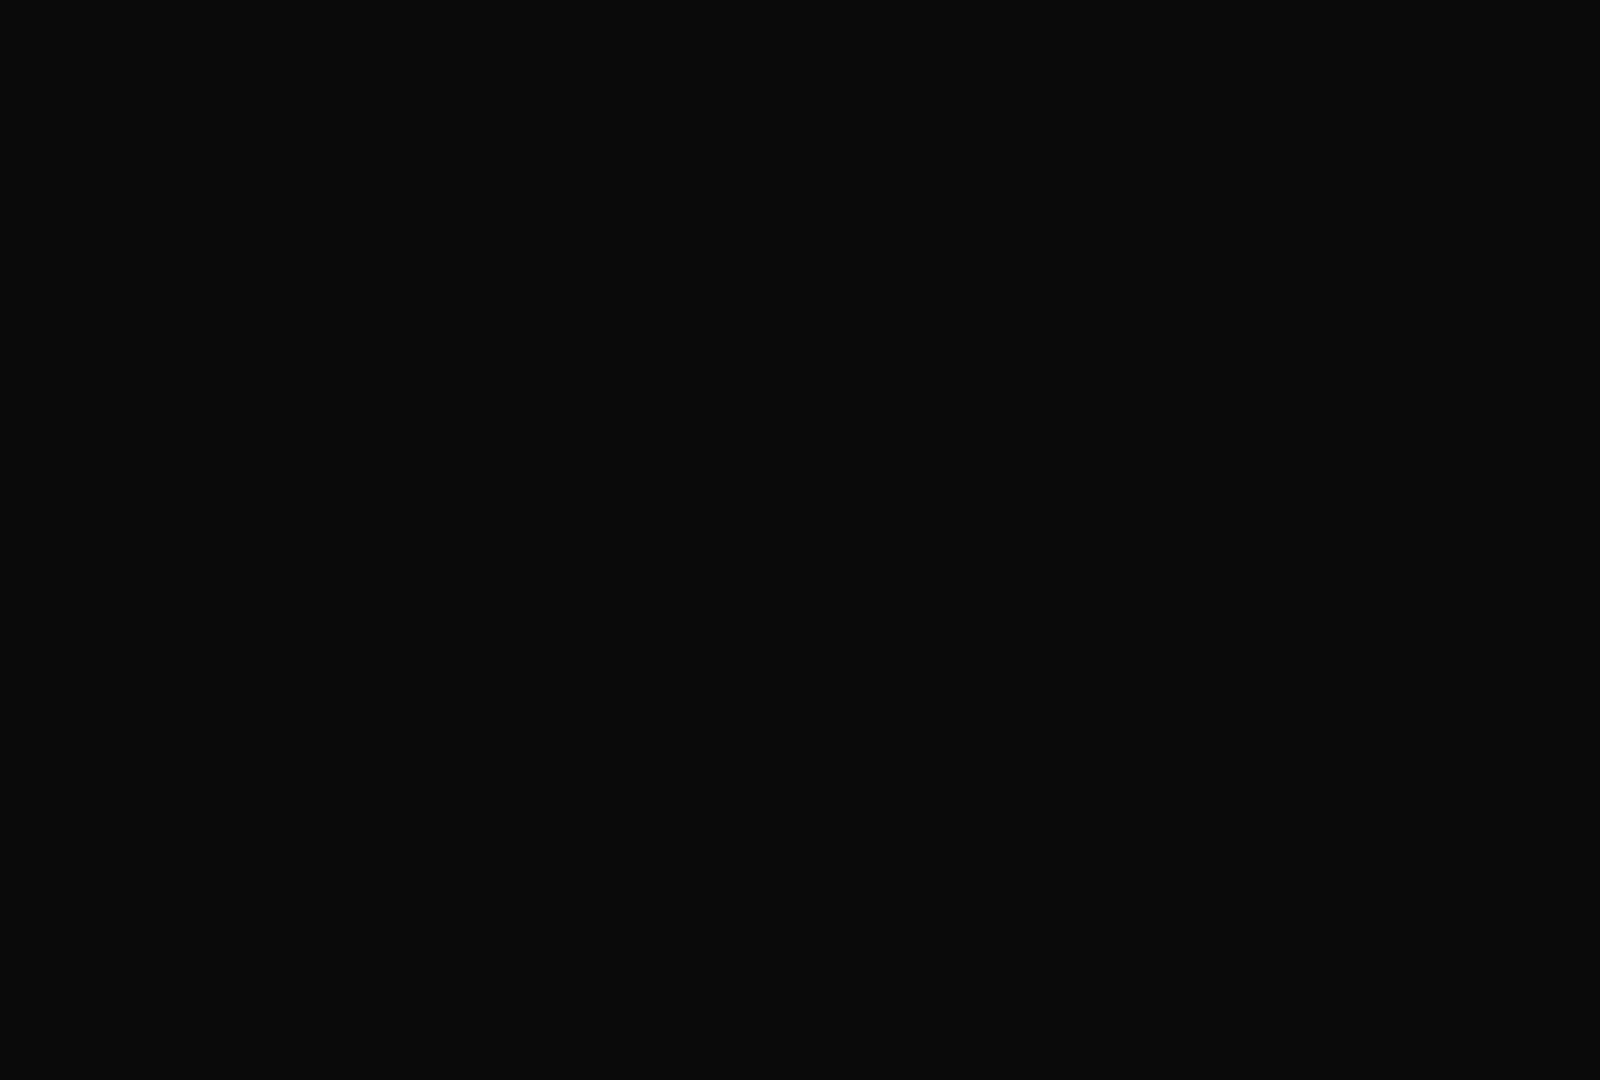 「充血監督」さんの深夜の運動会!! vol.053 セックスする女性達 オメコ動画キャプチャ 106画像 26